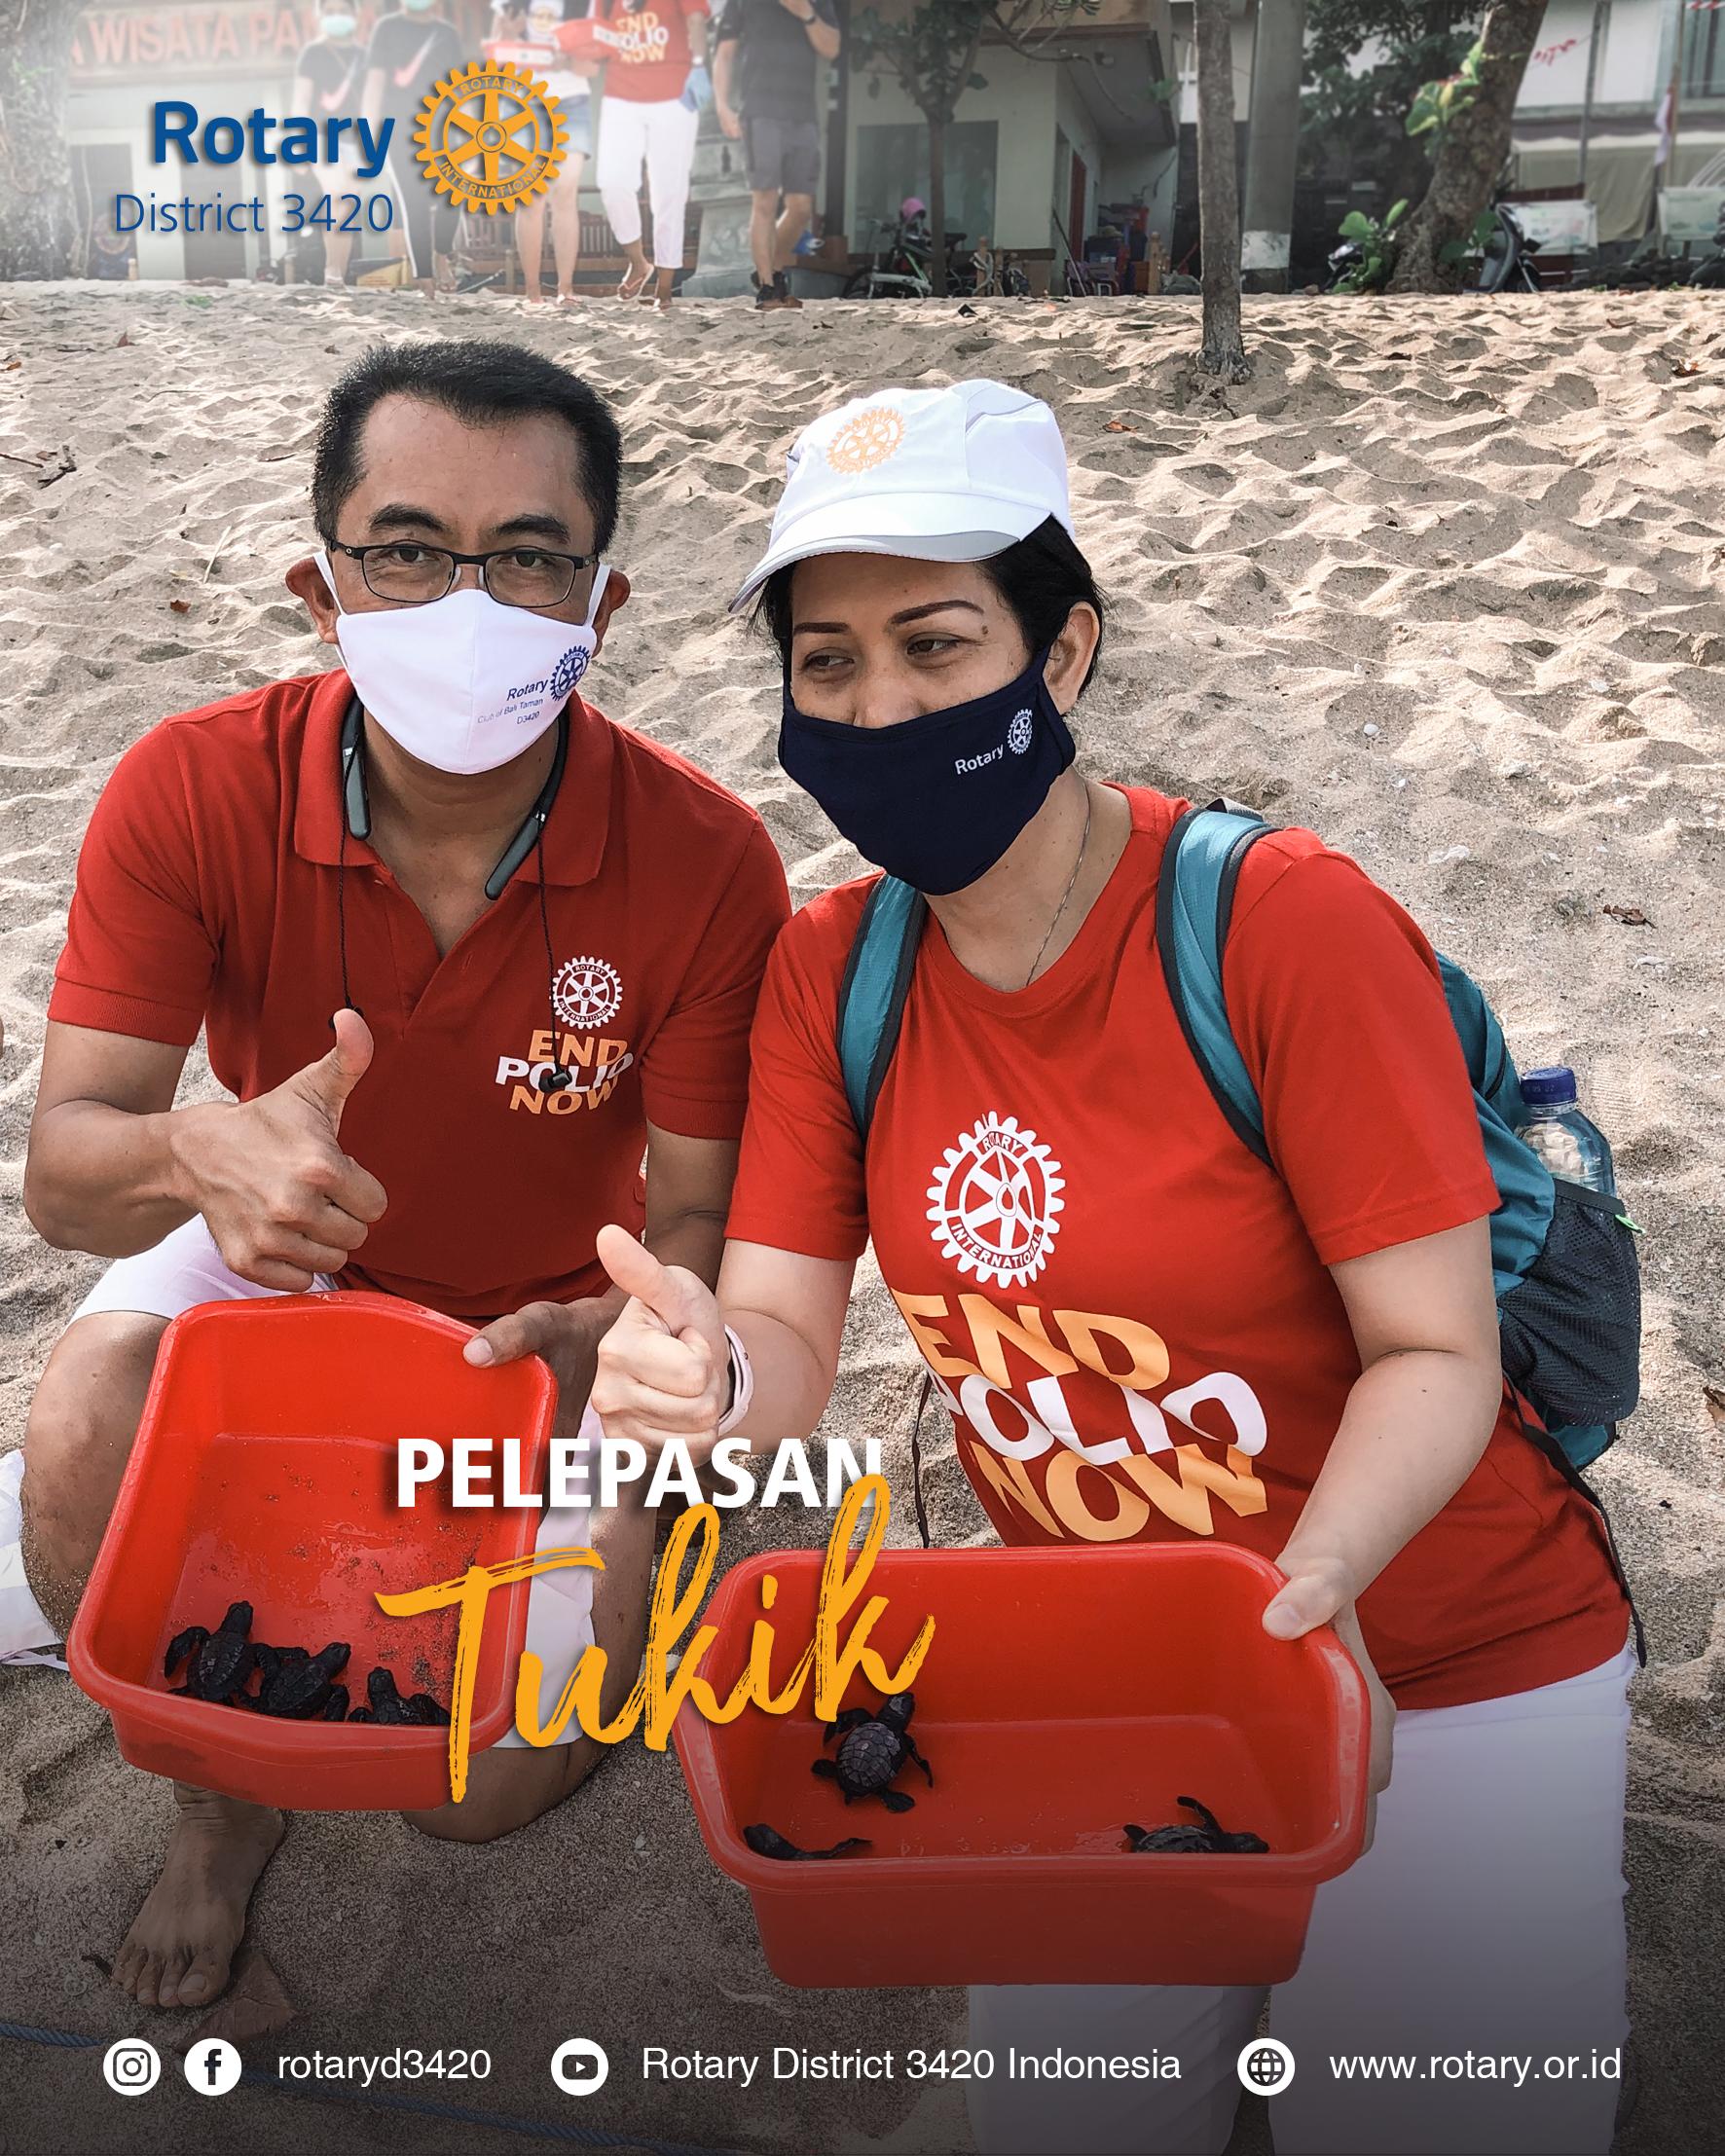 Pelepasan Tukik oleh Rotary Bali Kuta